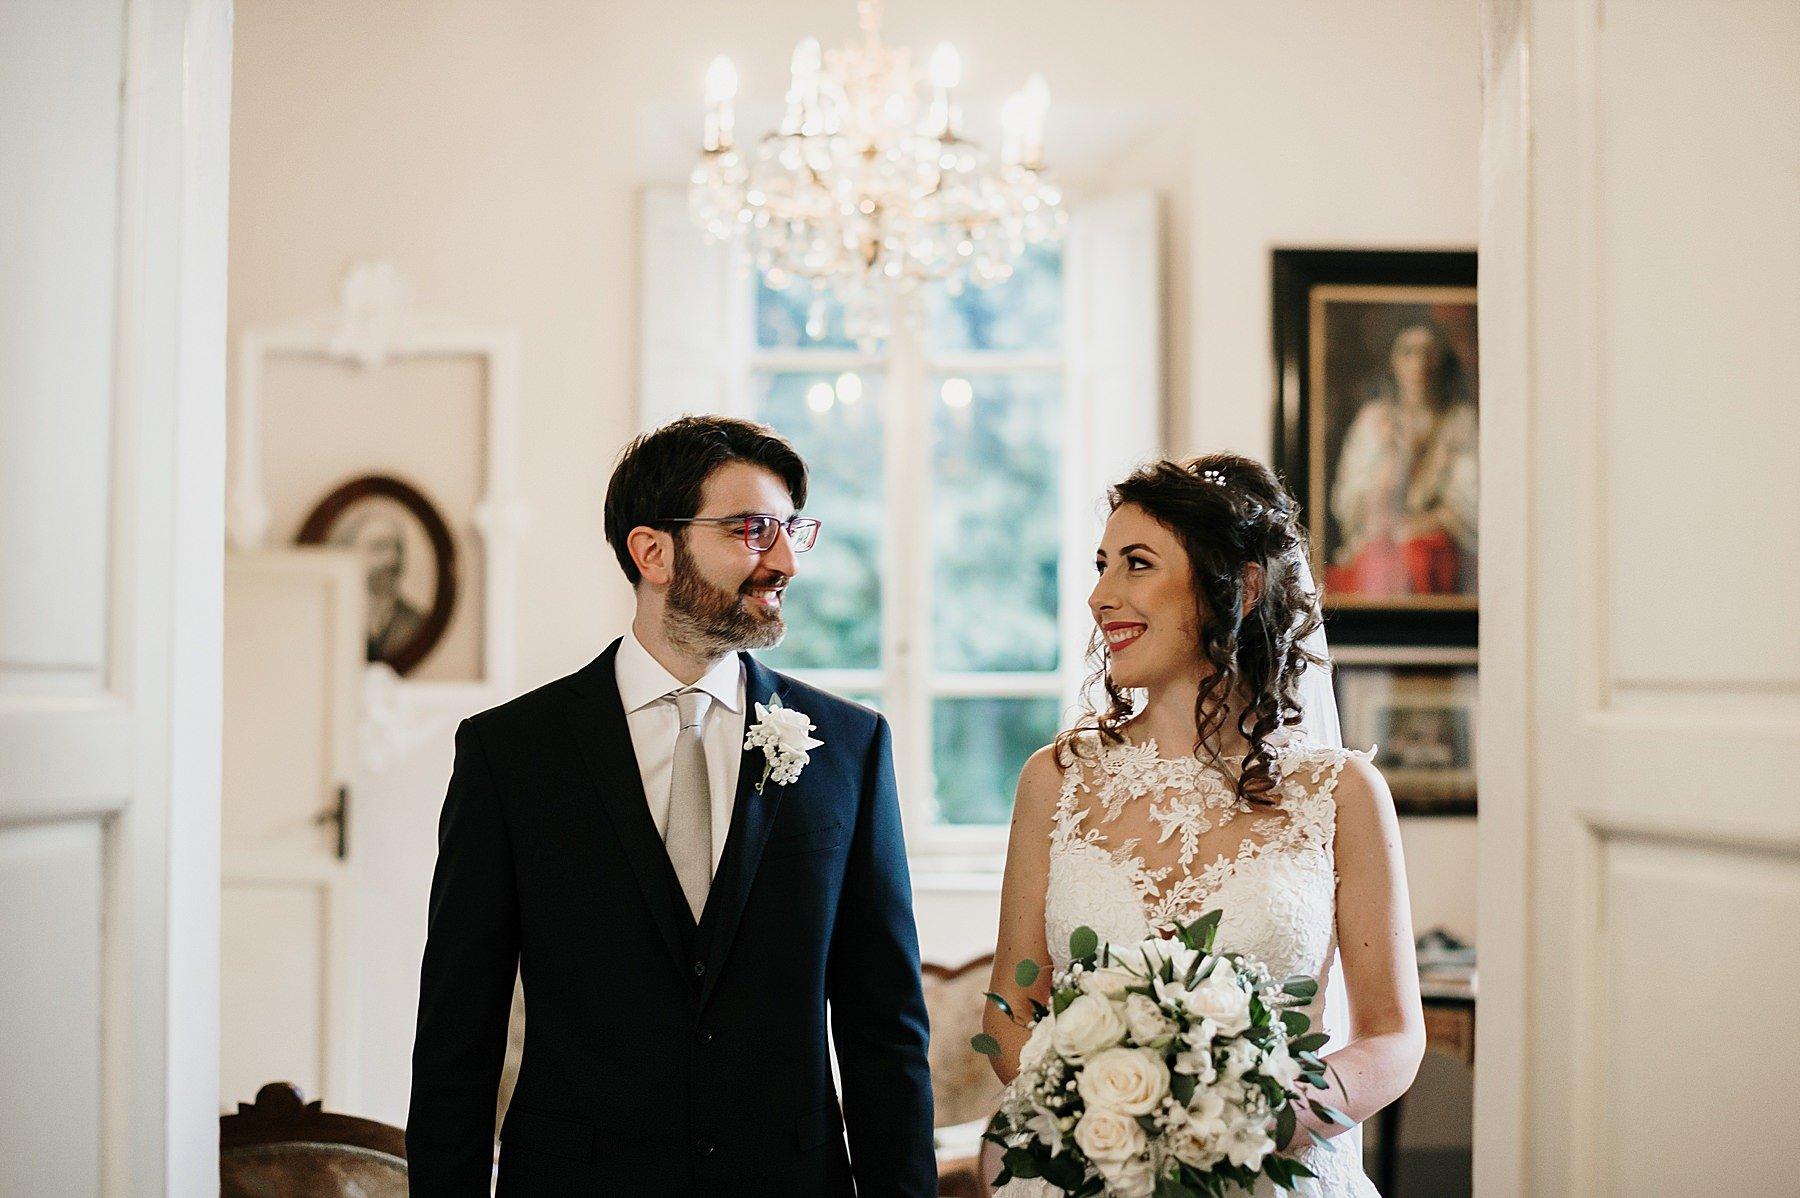 fotografia di matrimonio a firenze in inverno